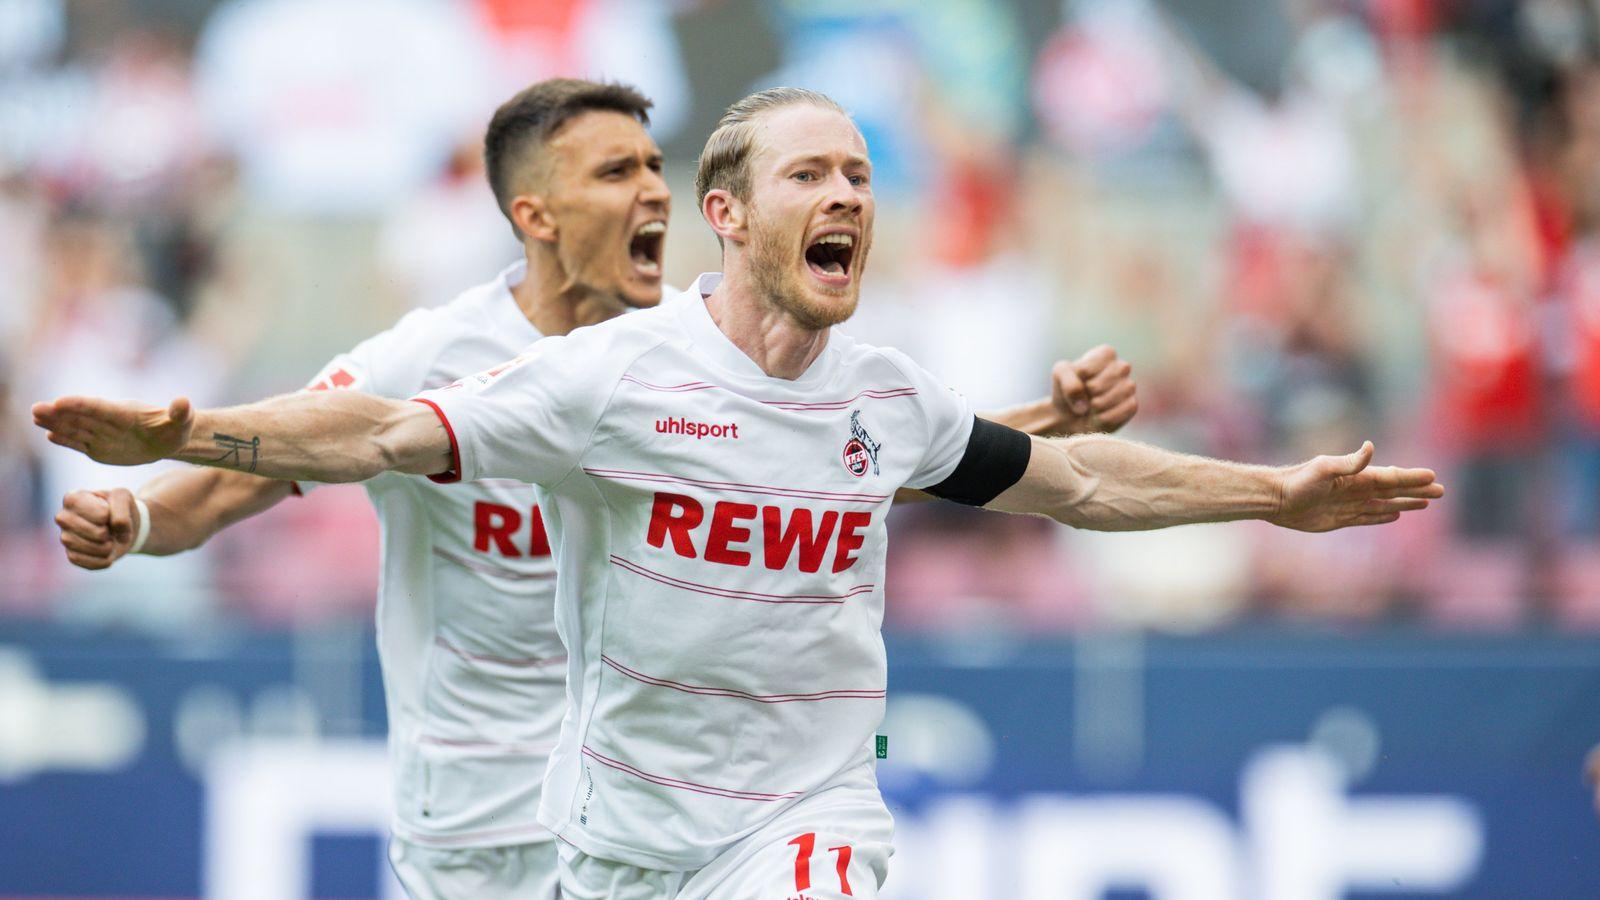 1. FC Köln dreht bei Baumgart-Debüt die Partie gegen Hertha BSC - DER SPIEGEL